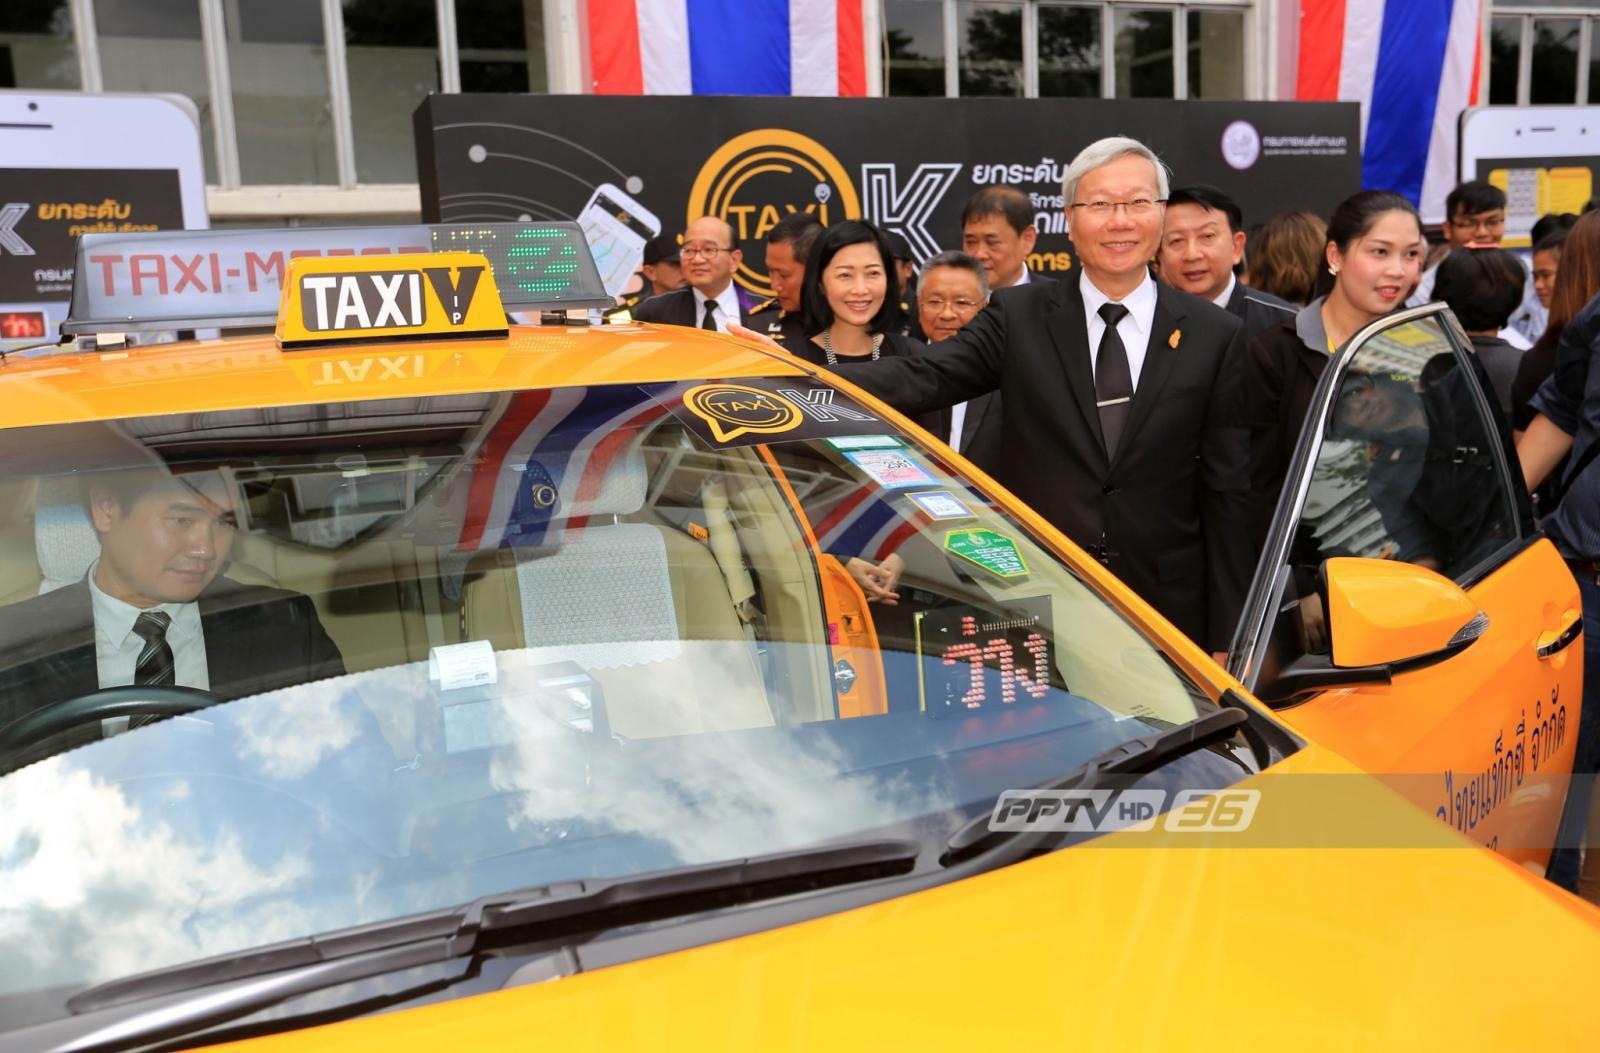 """คมนาคม ส่ง """"แท็กซี่โอเค"""" ท้าชนแกร็บ-อูเบอร์"""